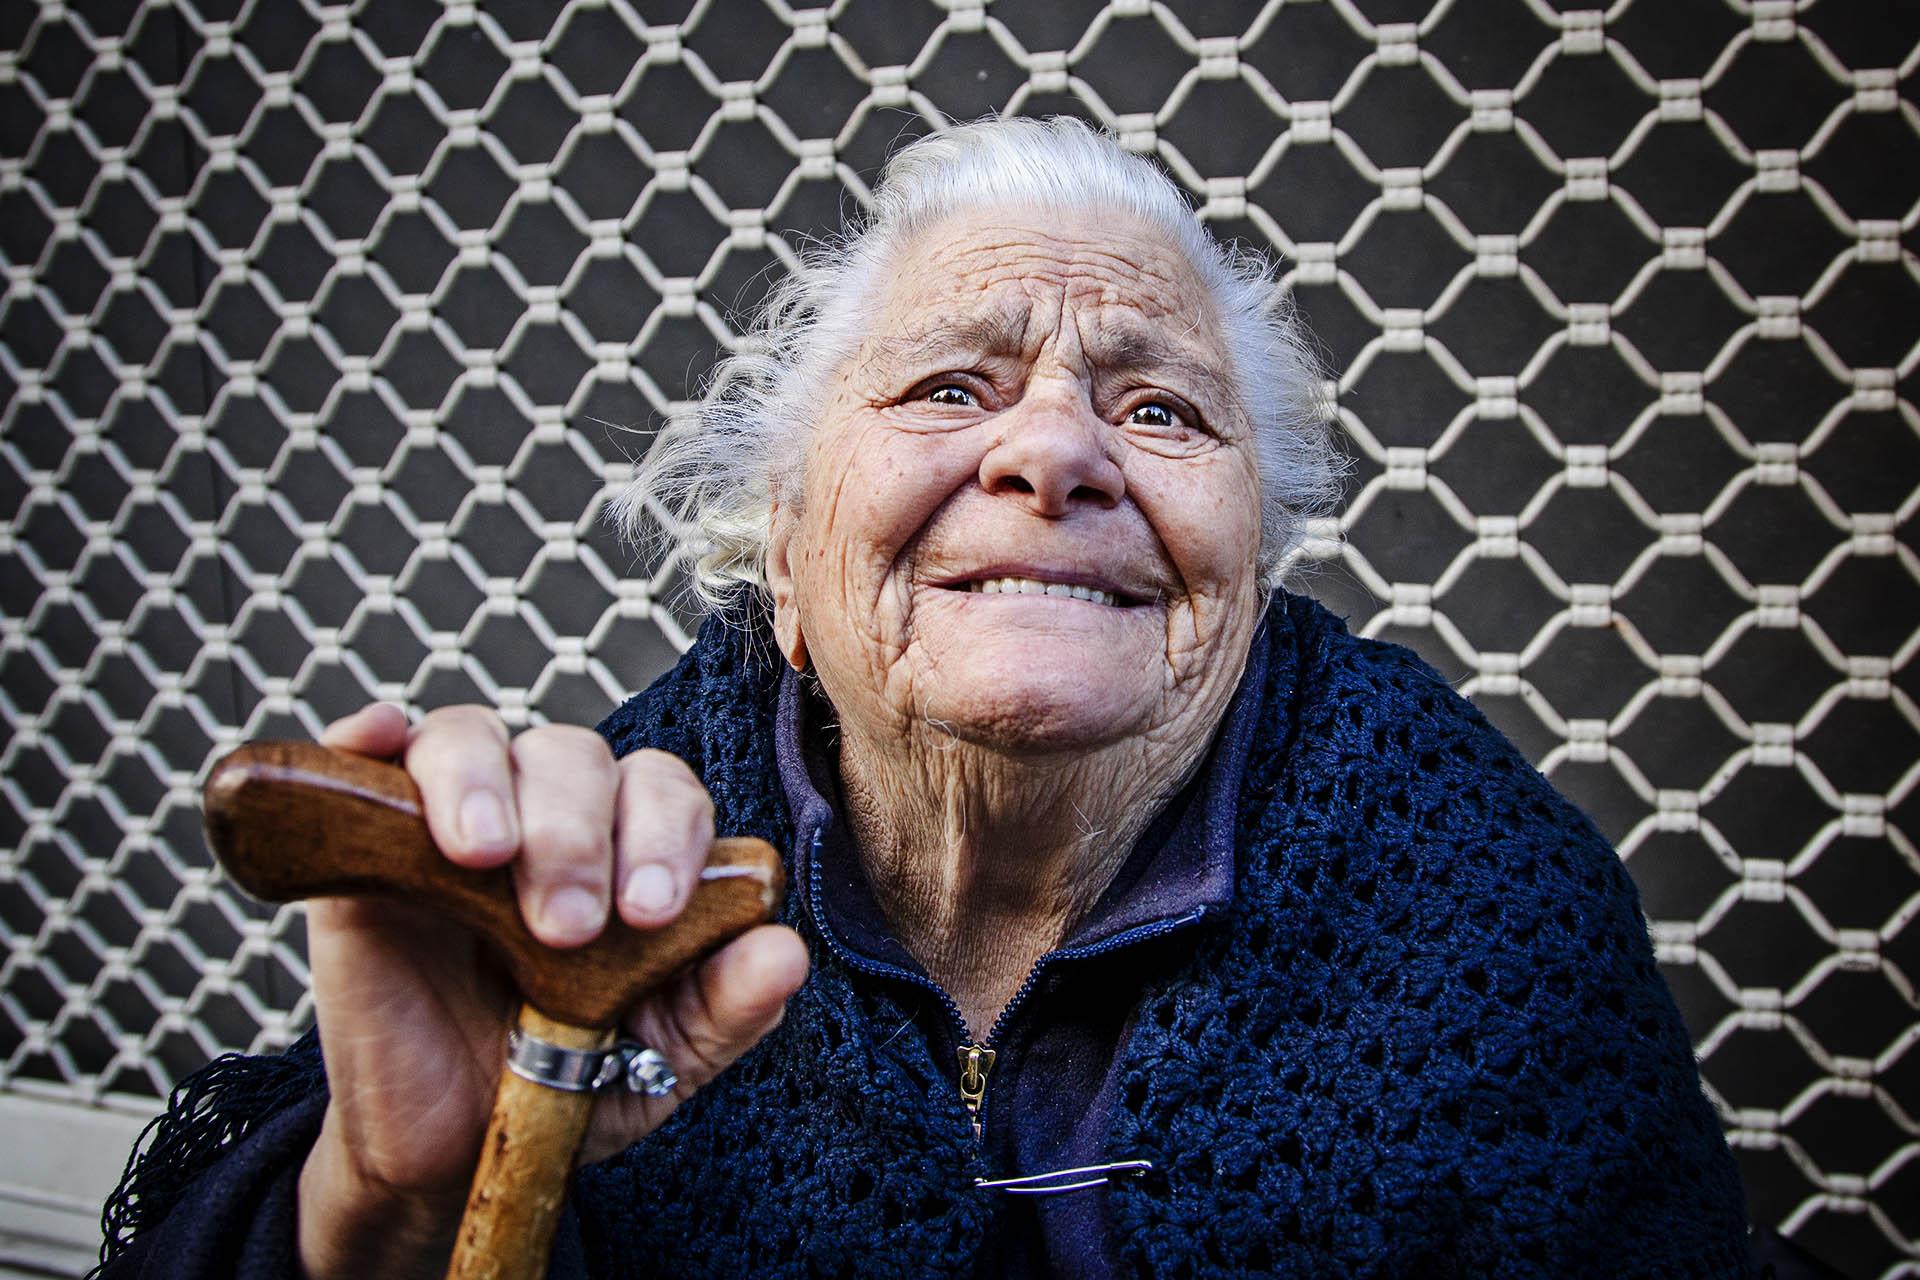 Los jubilados han visto bajar sus pensiones en varias ocasiones, convirtiéndose en uno de los colectivos más vulnerables